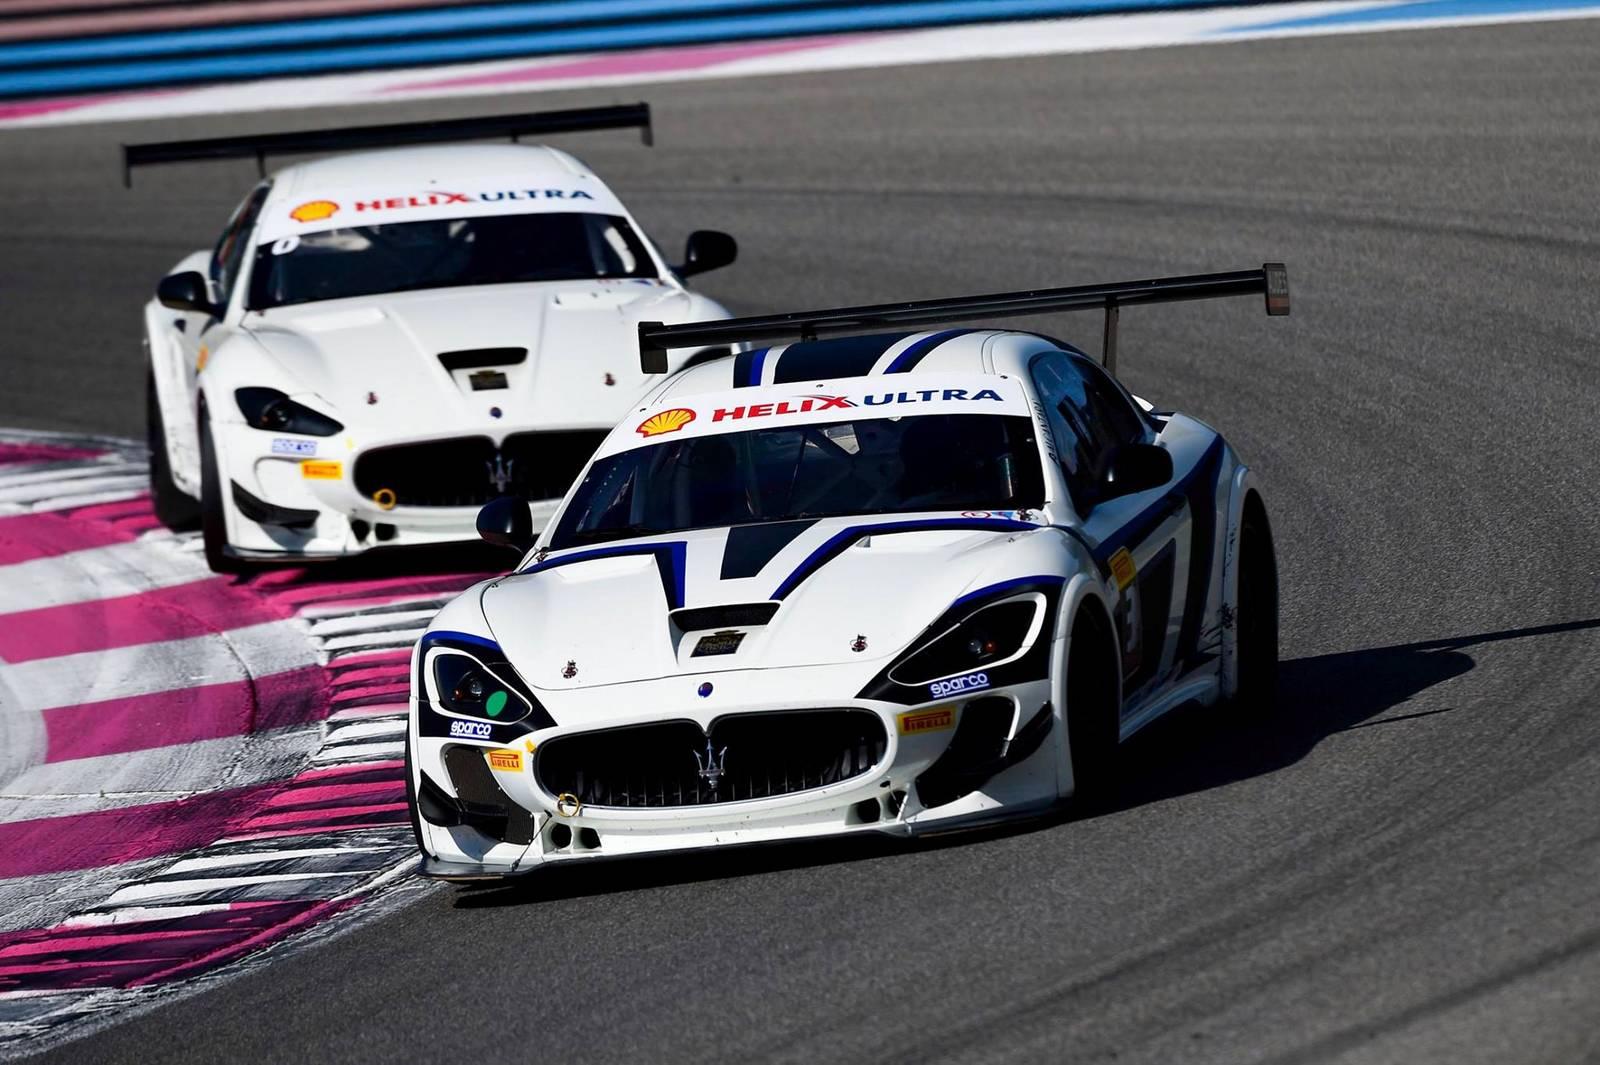 http://gtspirit.com/wp-content/uploads/2015/04/Maserati-Trofeo-1.jpg